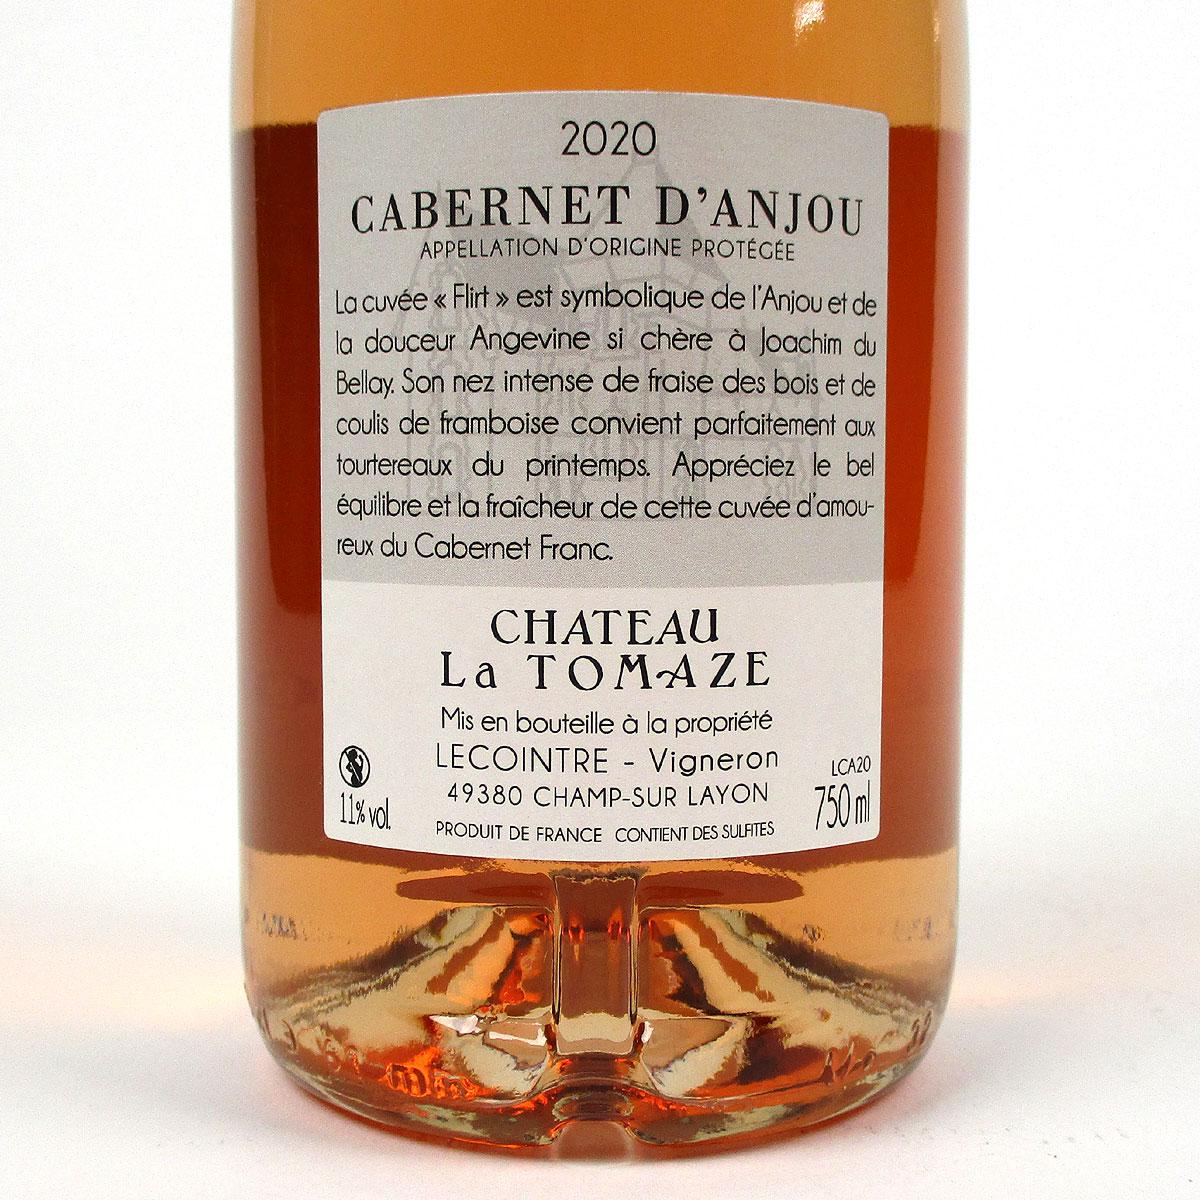 Cabernet d'Anjou: Château La Tomaze Rosé 2020 - Bottle Rear Label